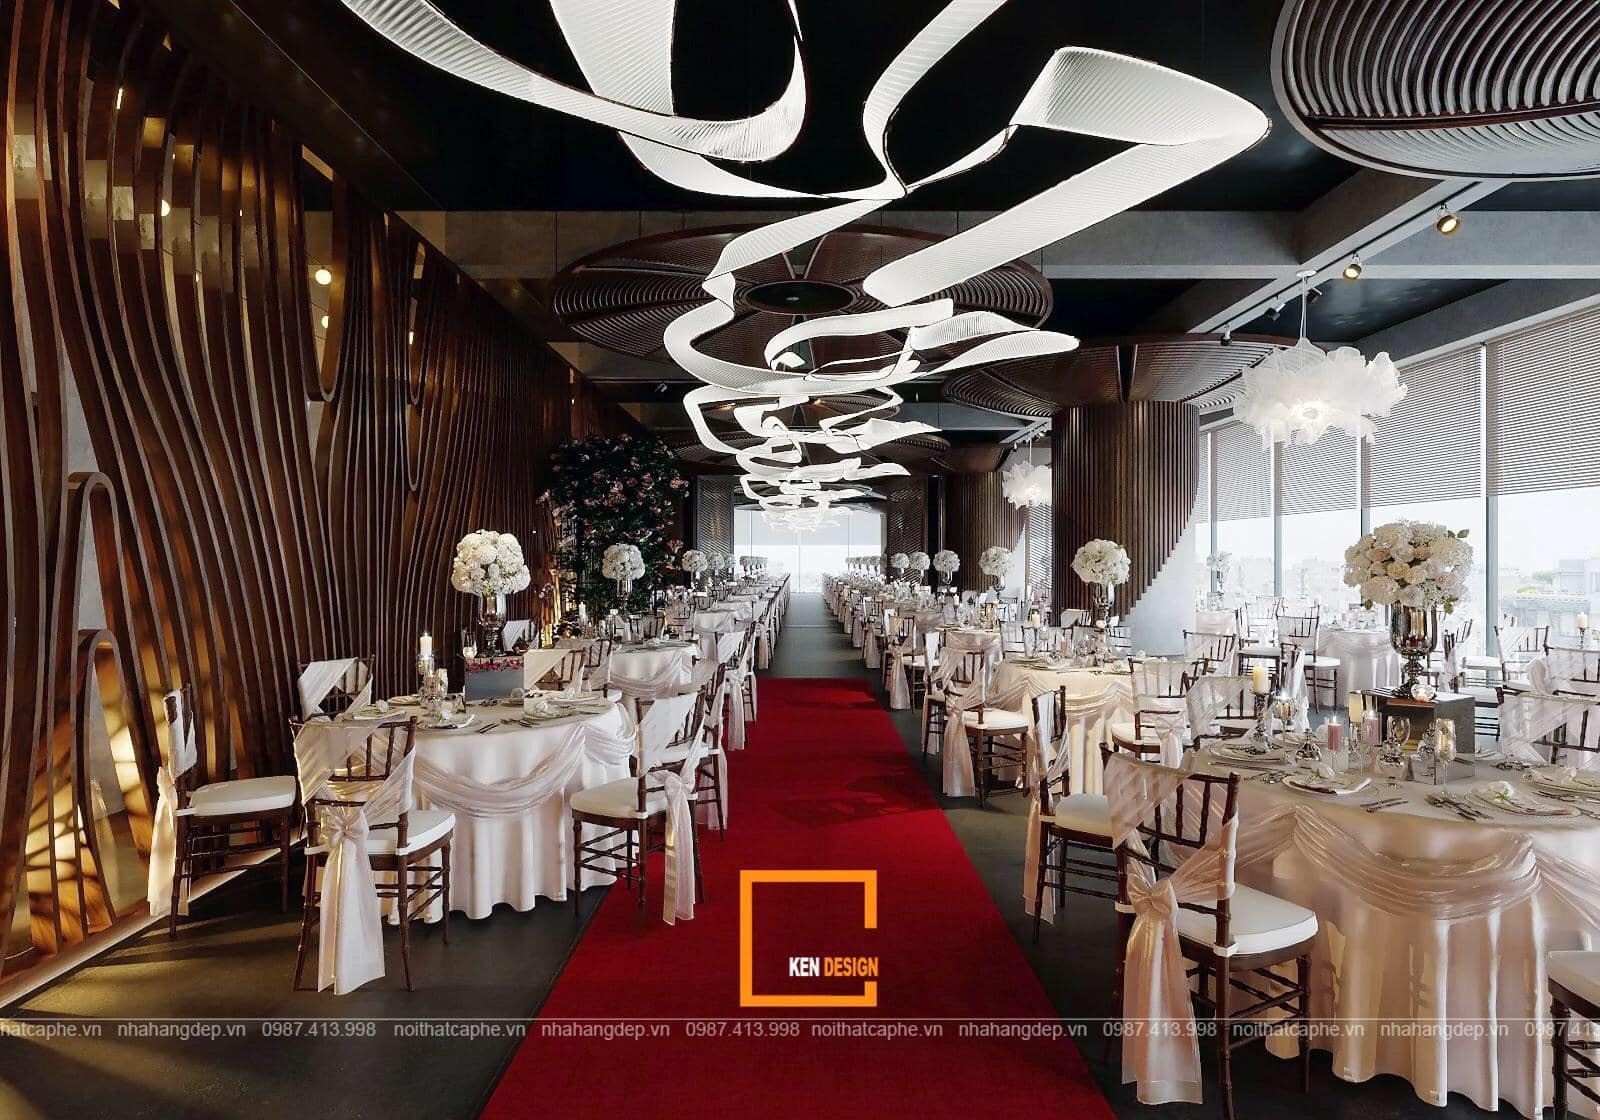 Thiết kế trần tường nhà hàng tiệc cưới